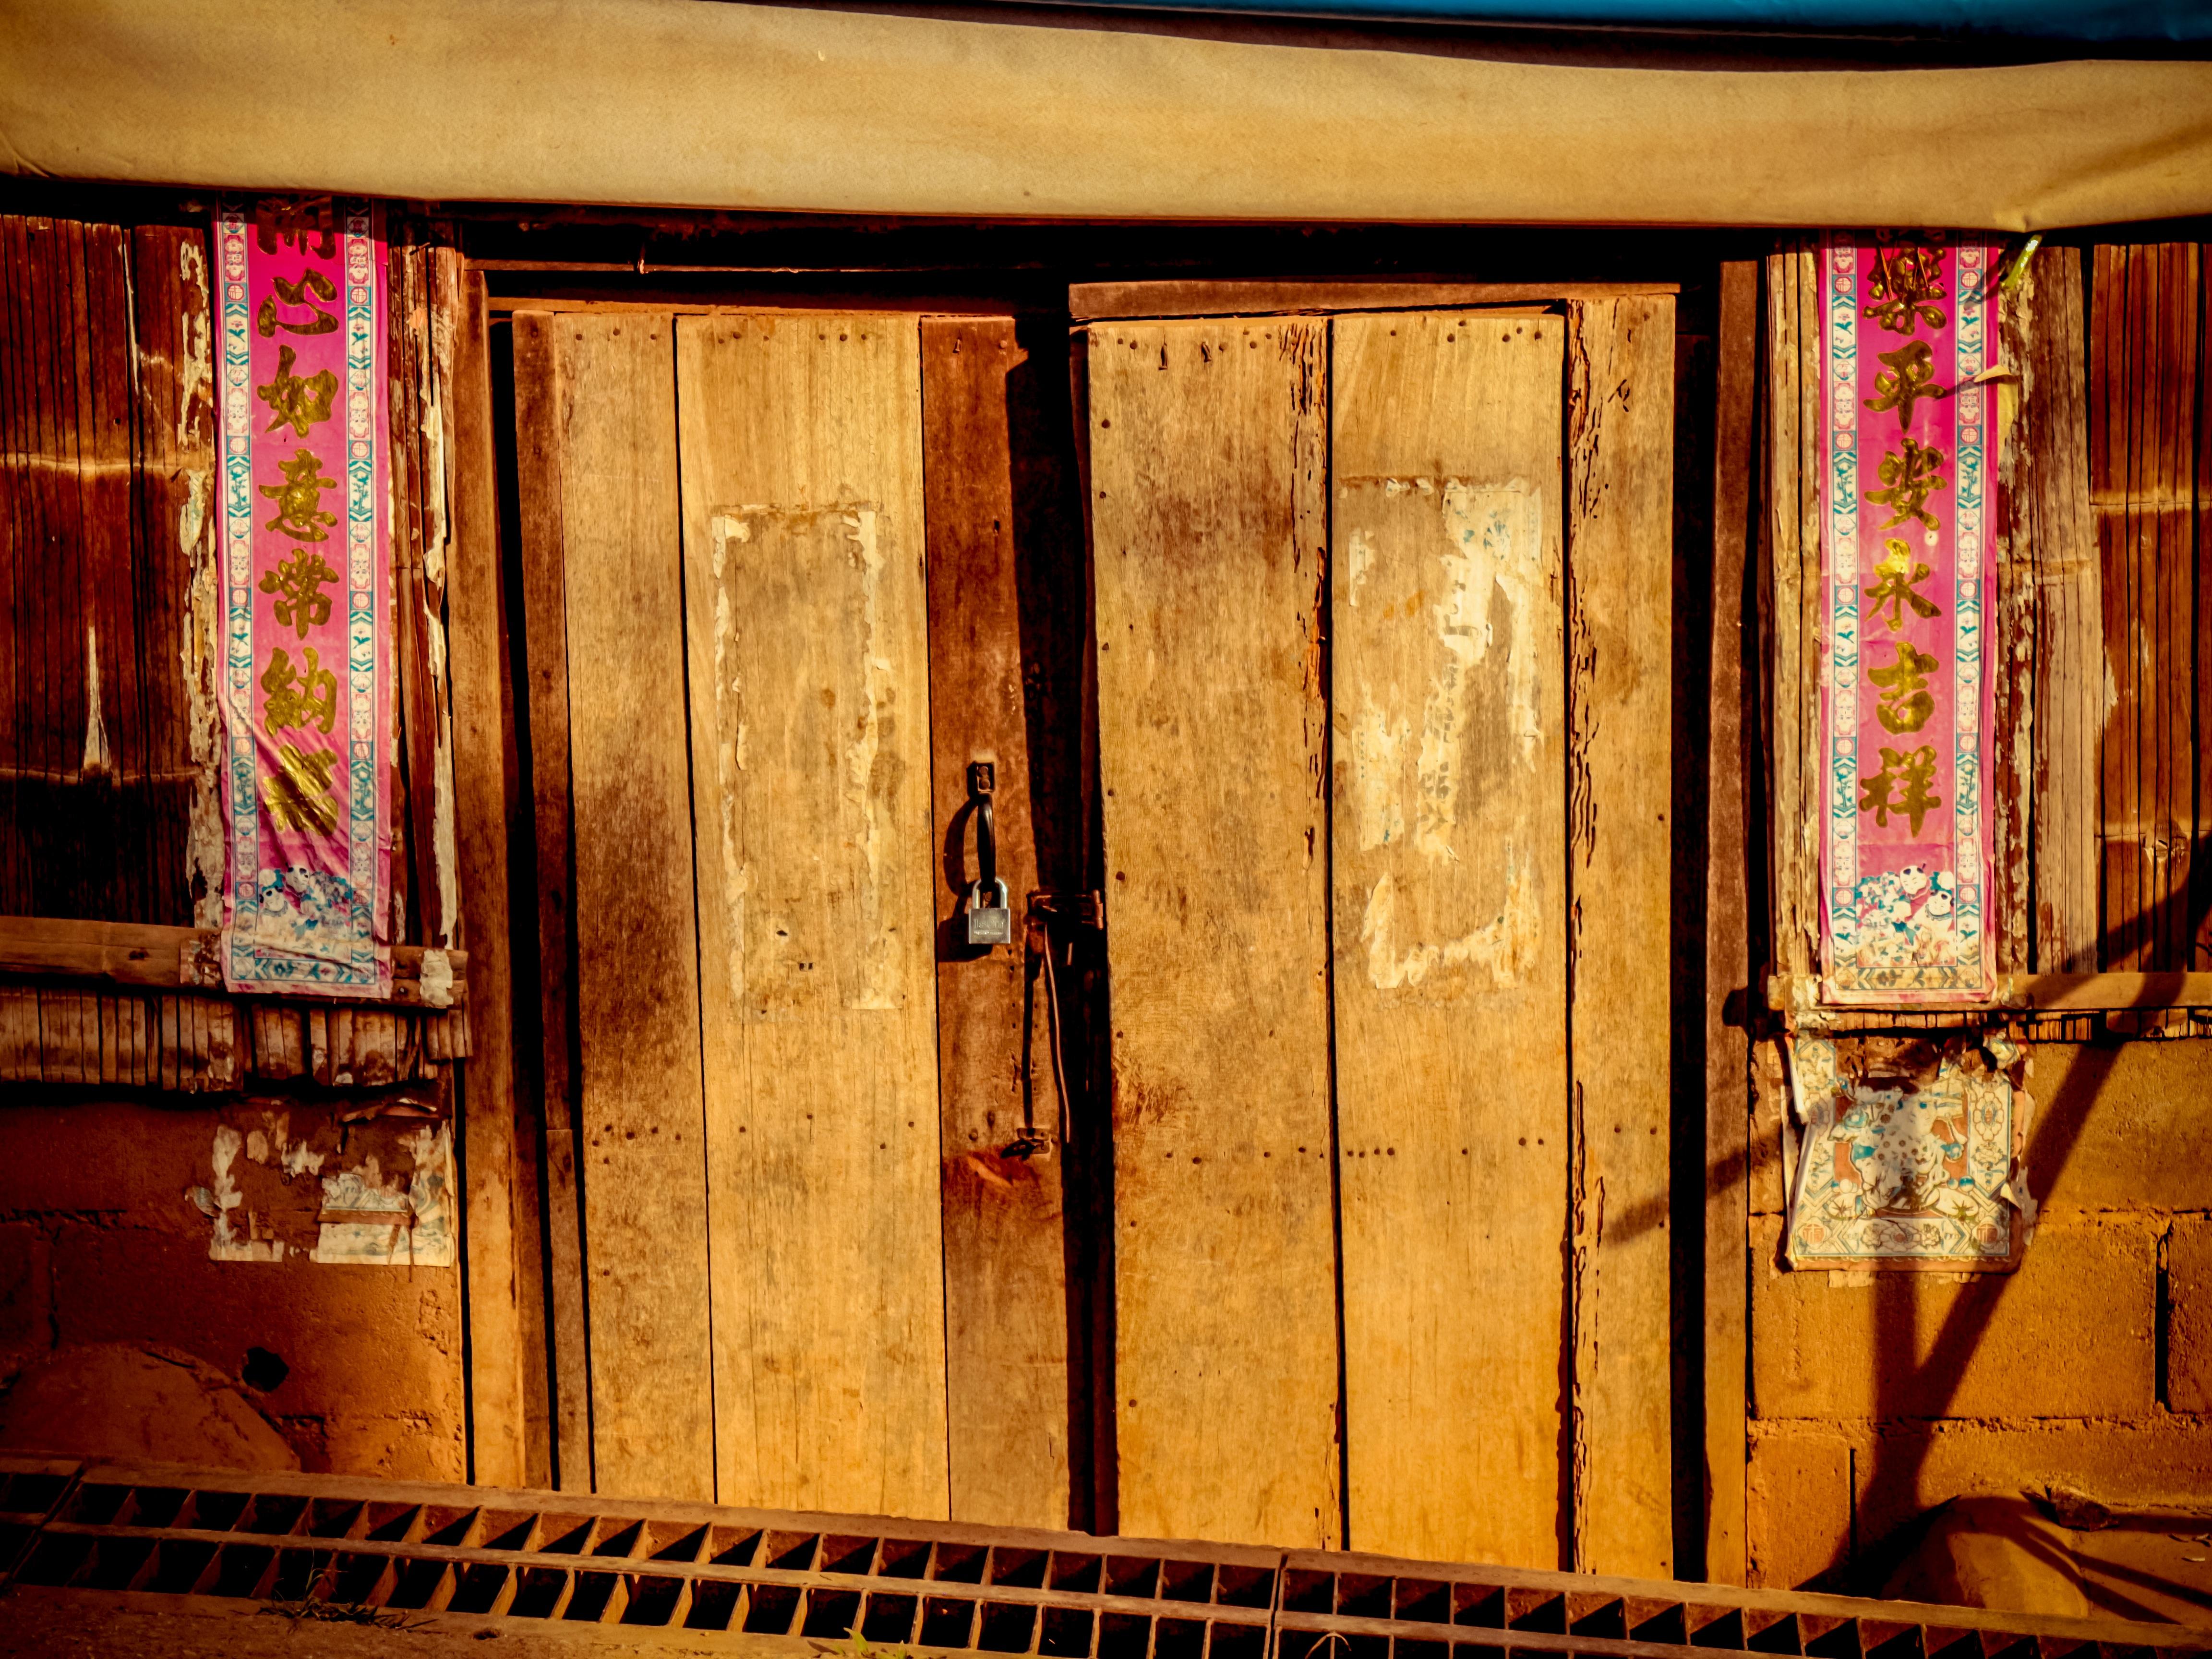 Sehr Gut Kostenlose foto : Holz, Fenster, Glas, Mauer, Farbe, Möbel, Tür  OJ59